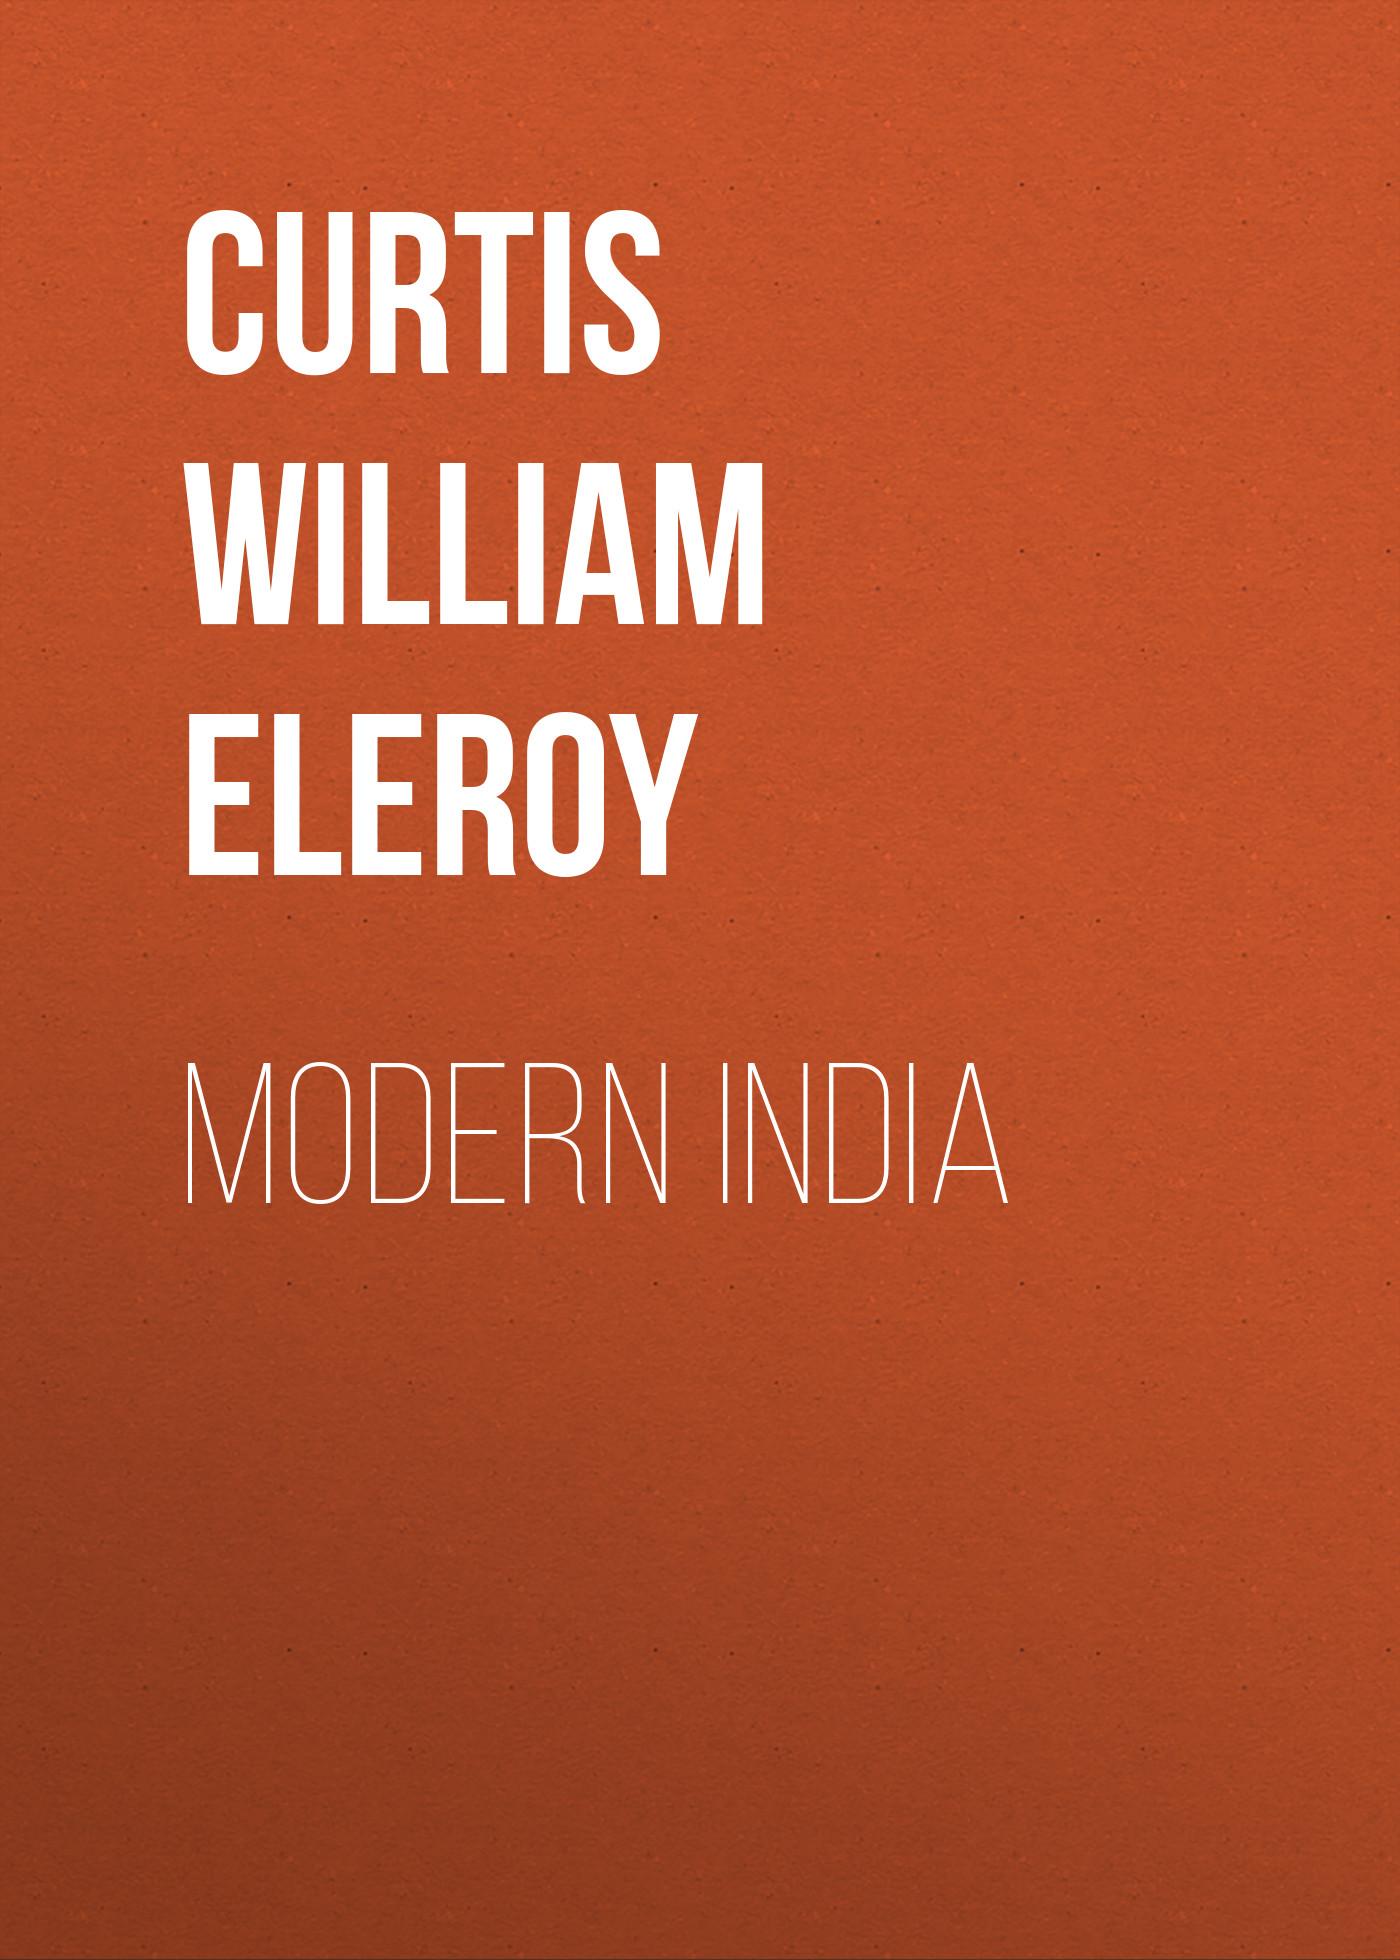 Curtis William Eleroy Modern India william hodges travels in india